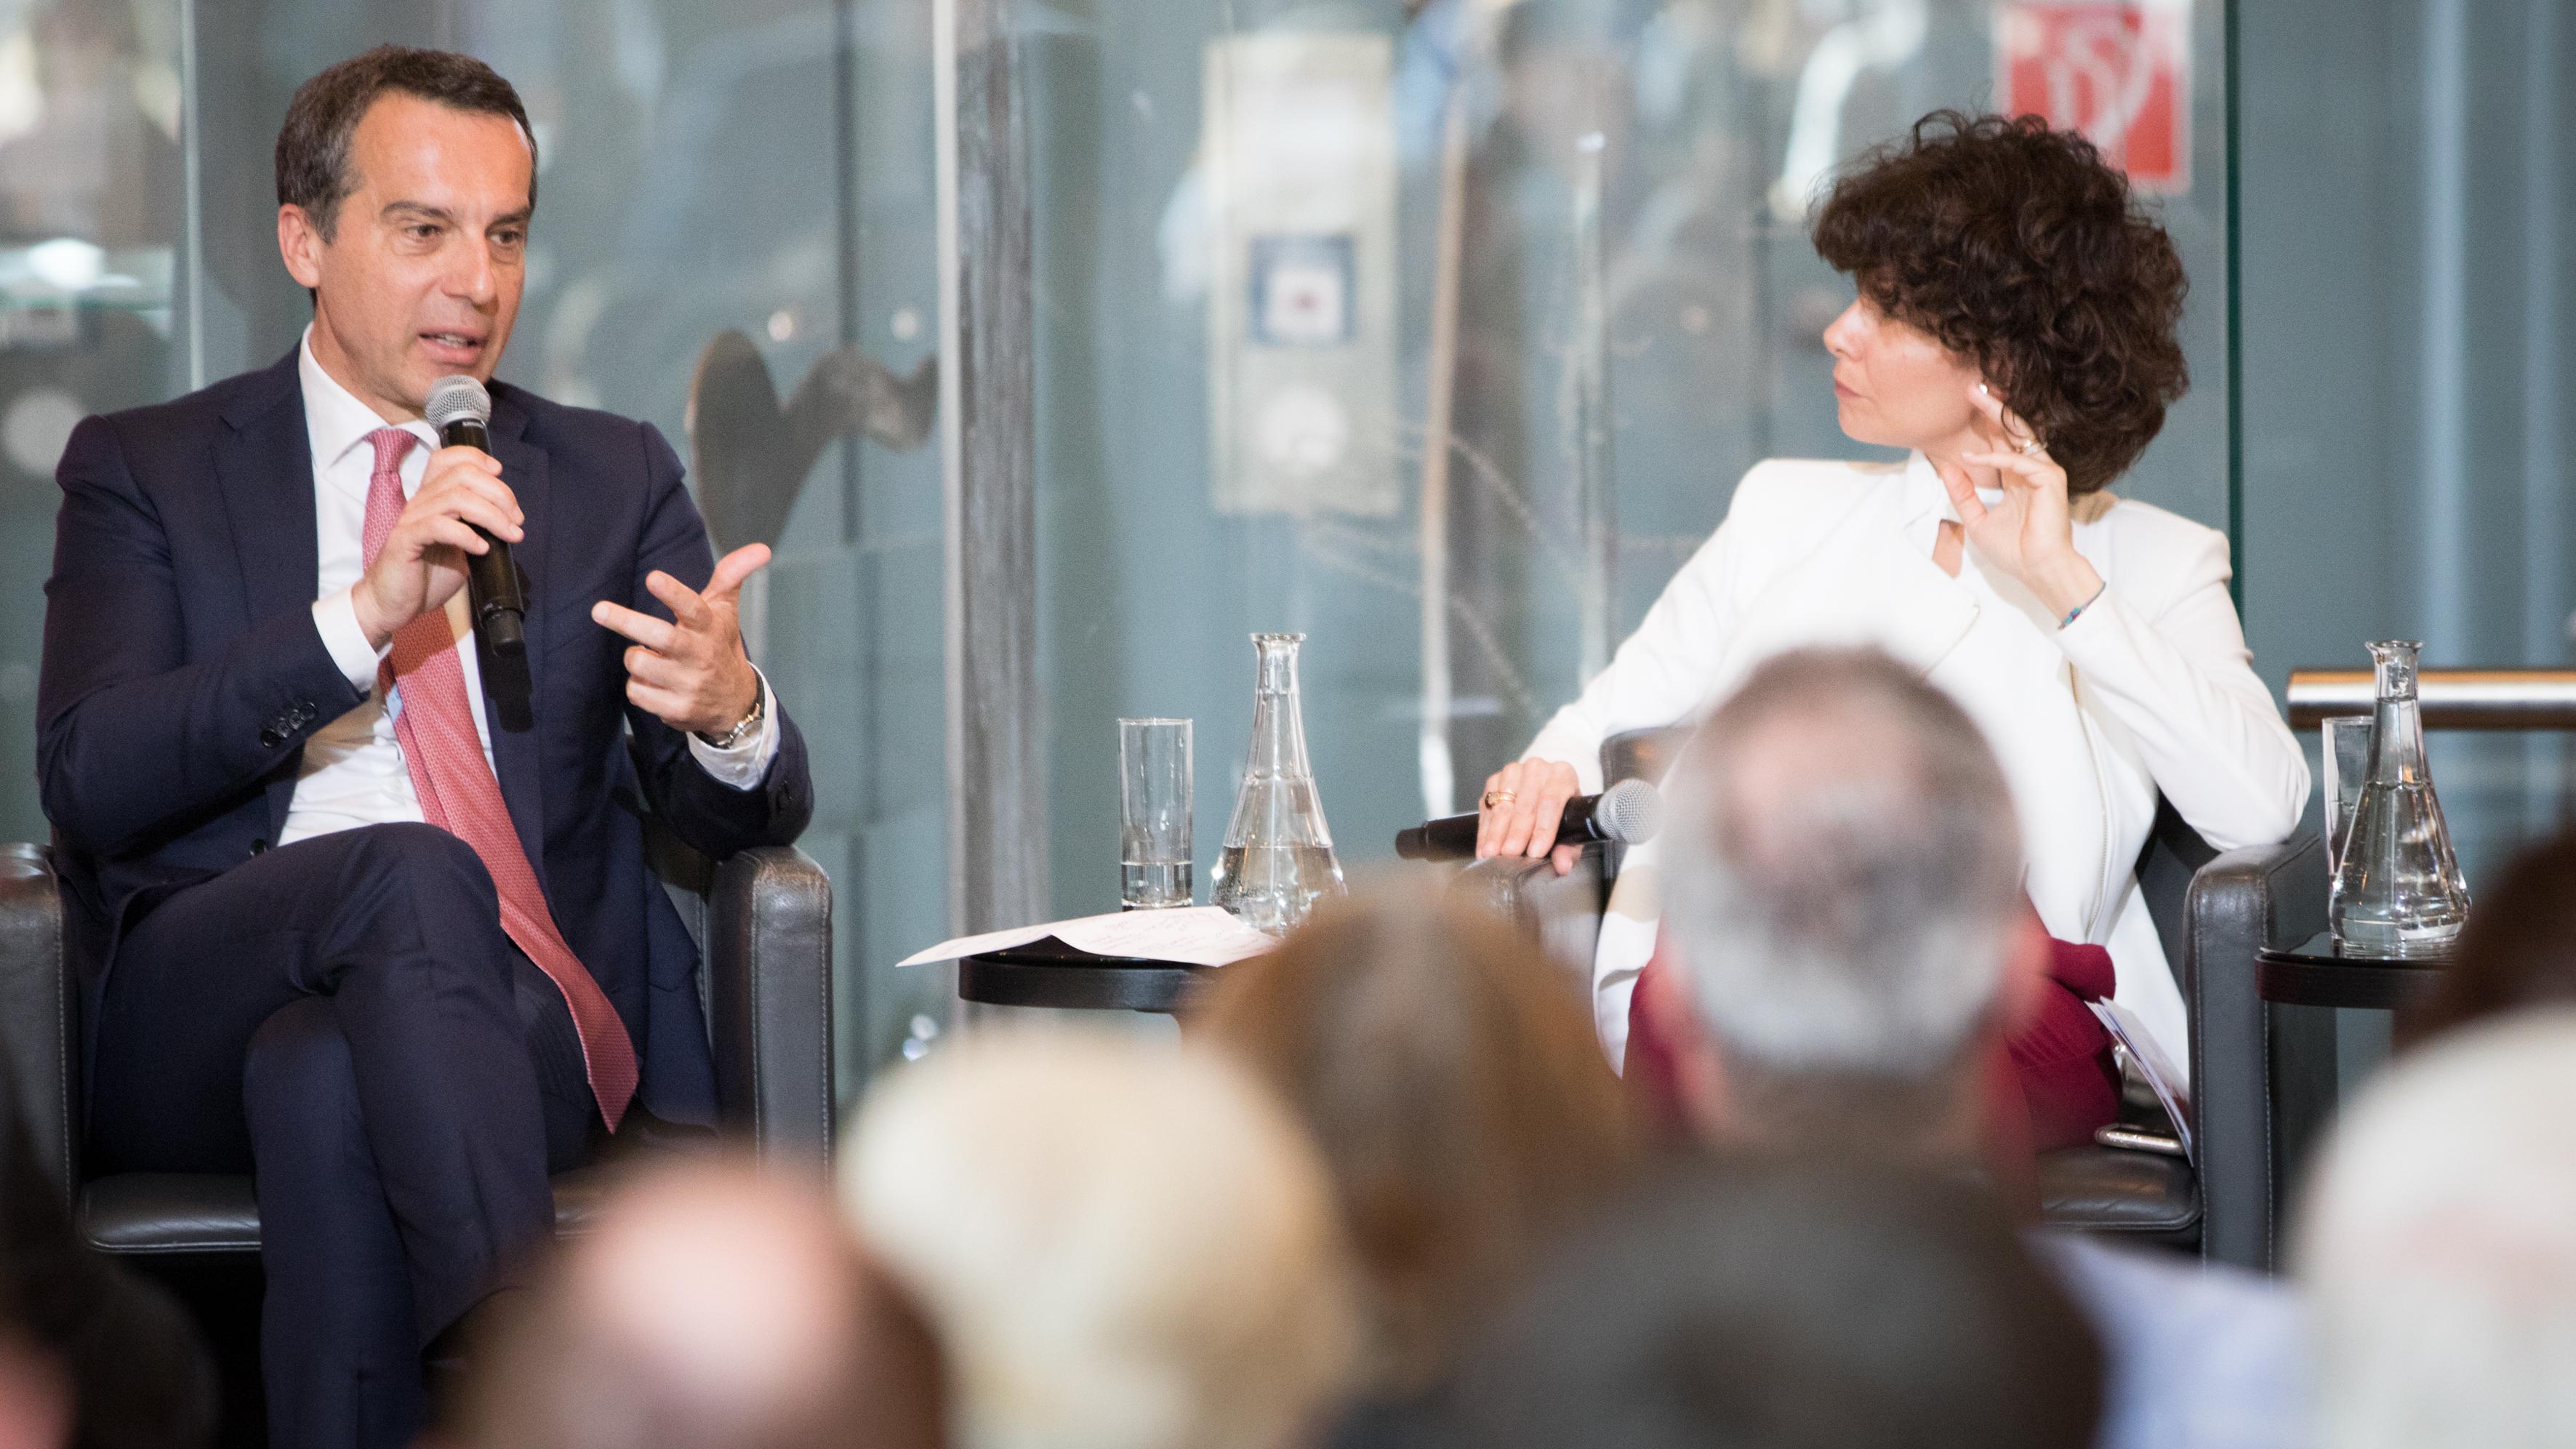 Foto: SPÖ / Sebastian Philipp